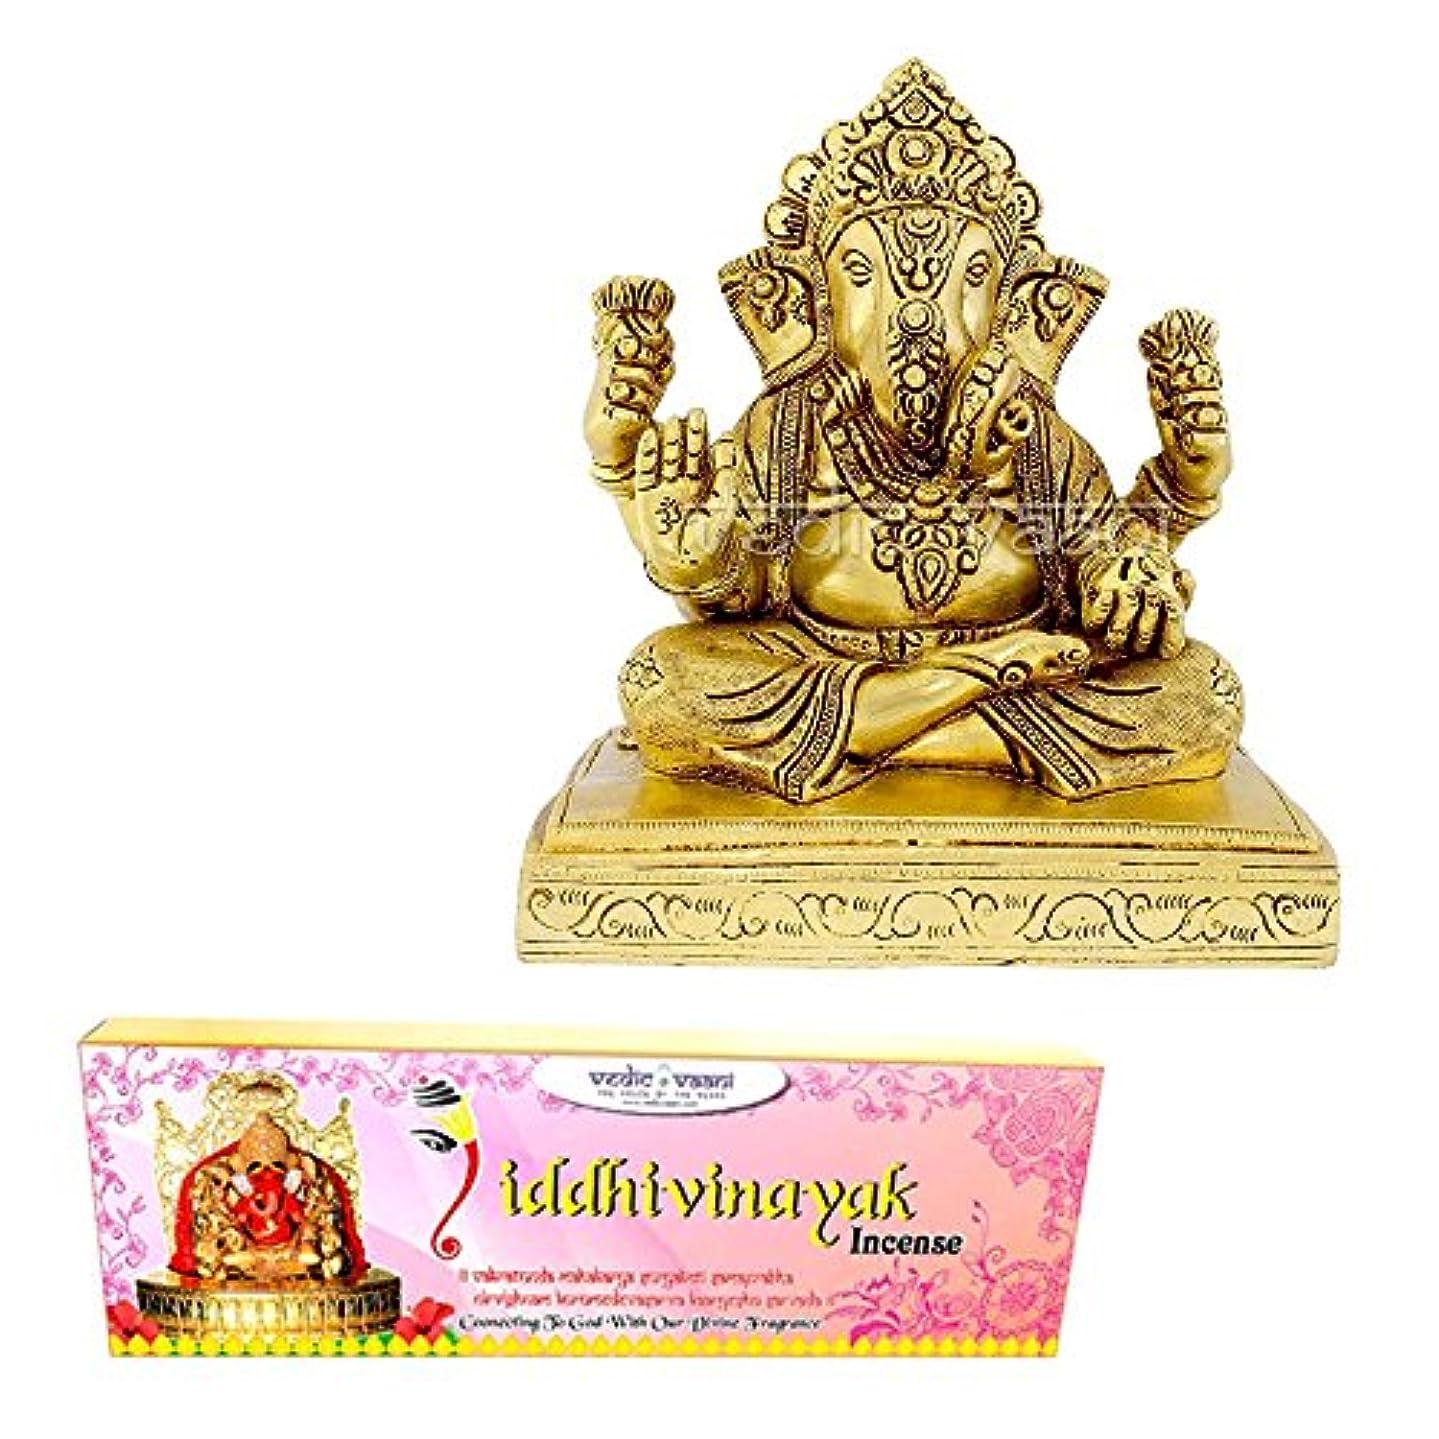 差別踏み台生きるVedic Vaani Dagadusheth Ganpati Bappa Fine Idol In Brass With Siddhi Vinayak Incense